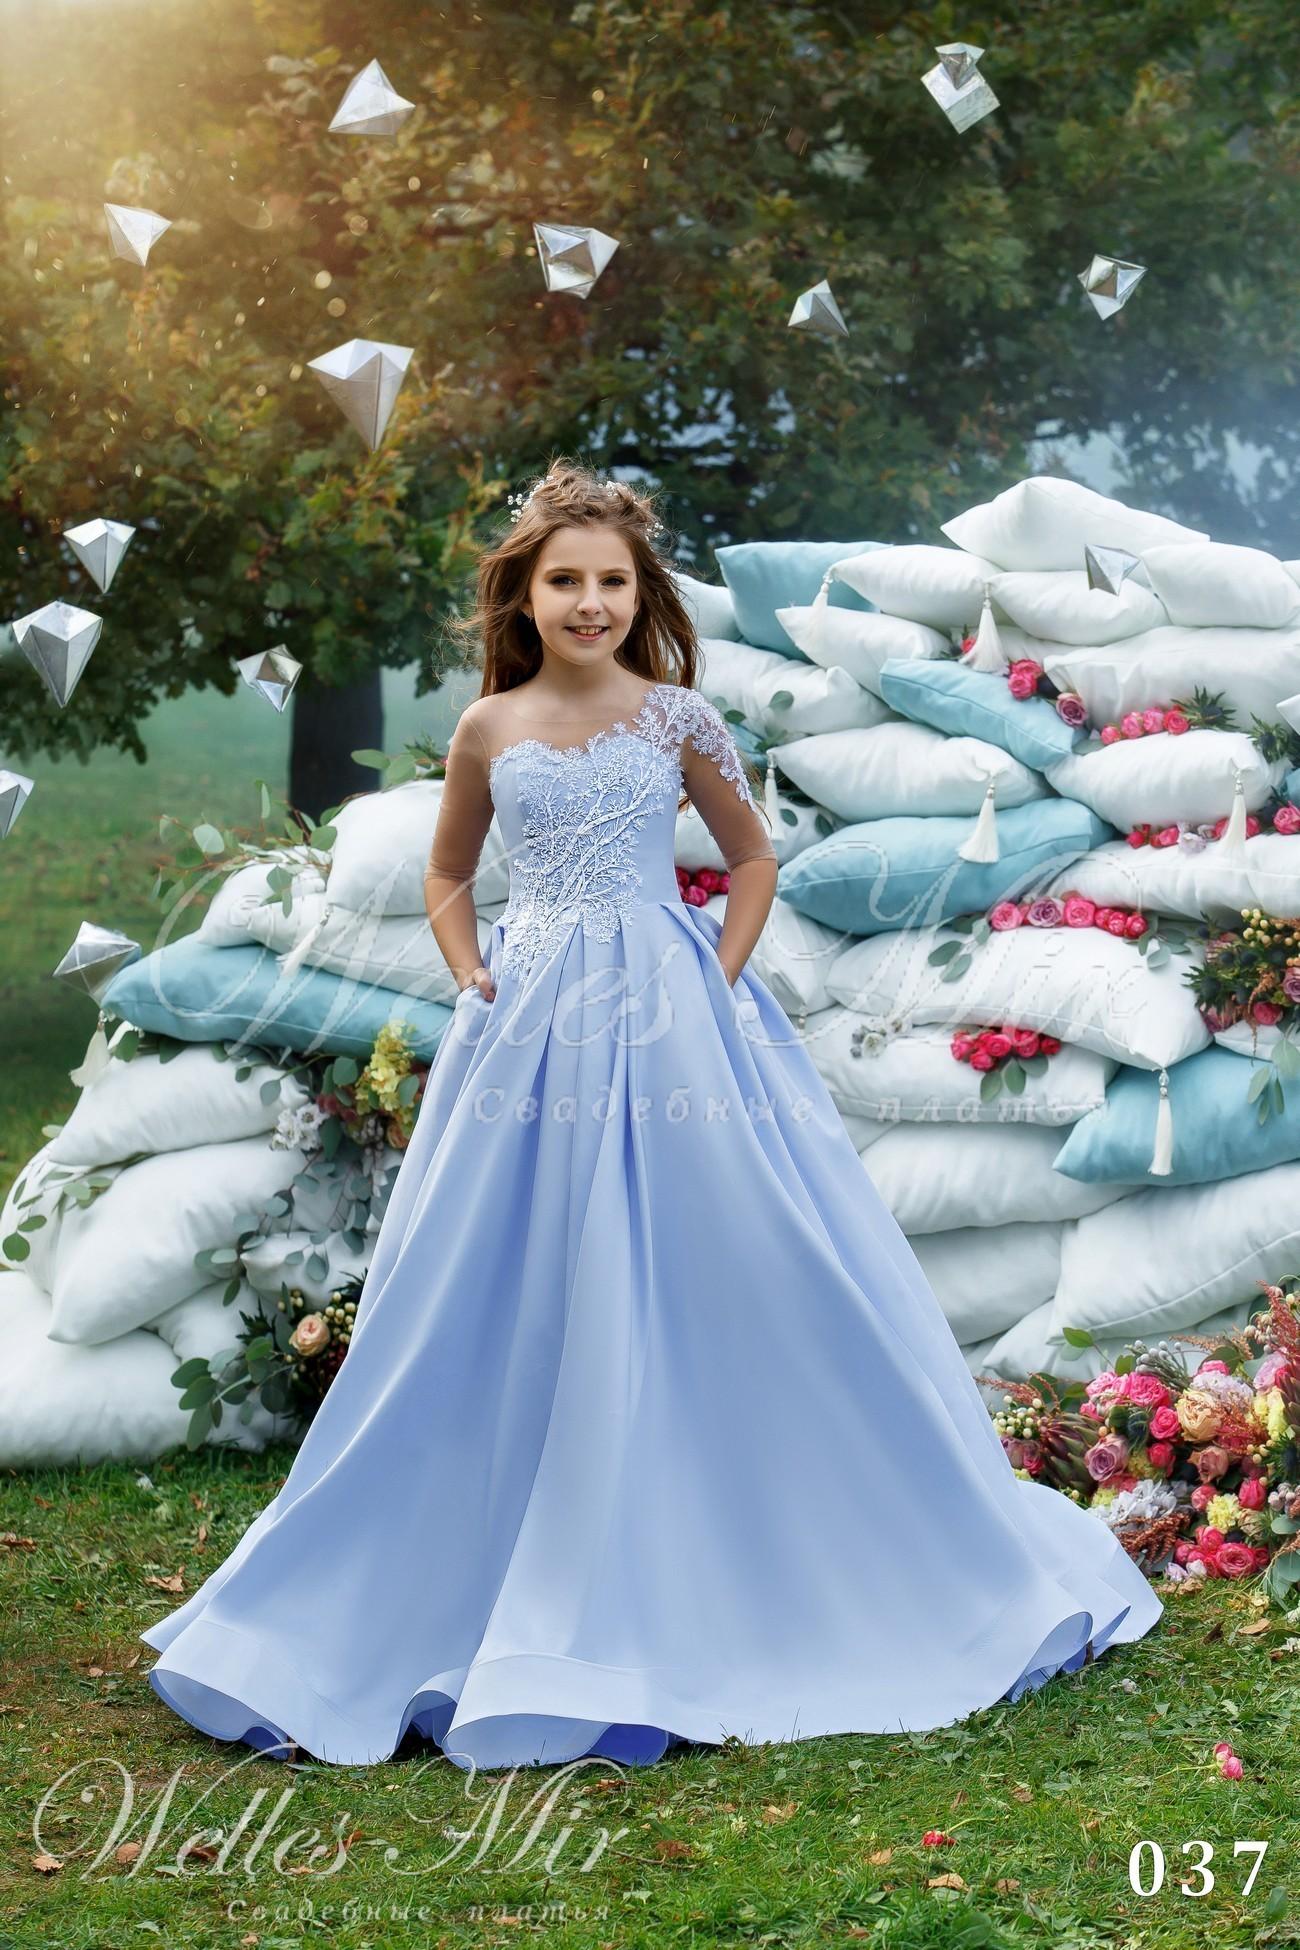 Дитяча святкова сукня від Wellesmir